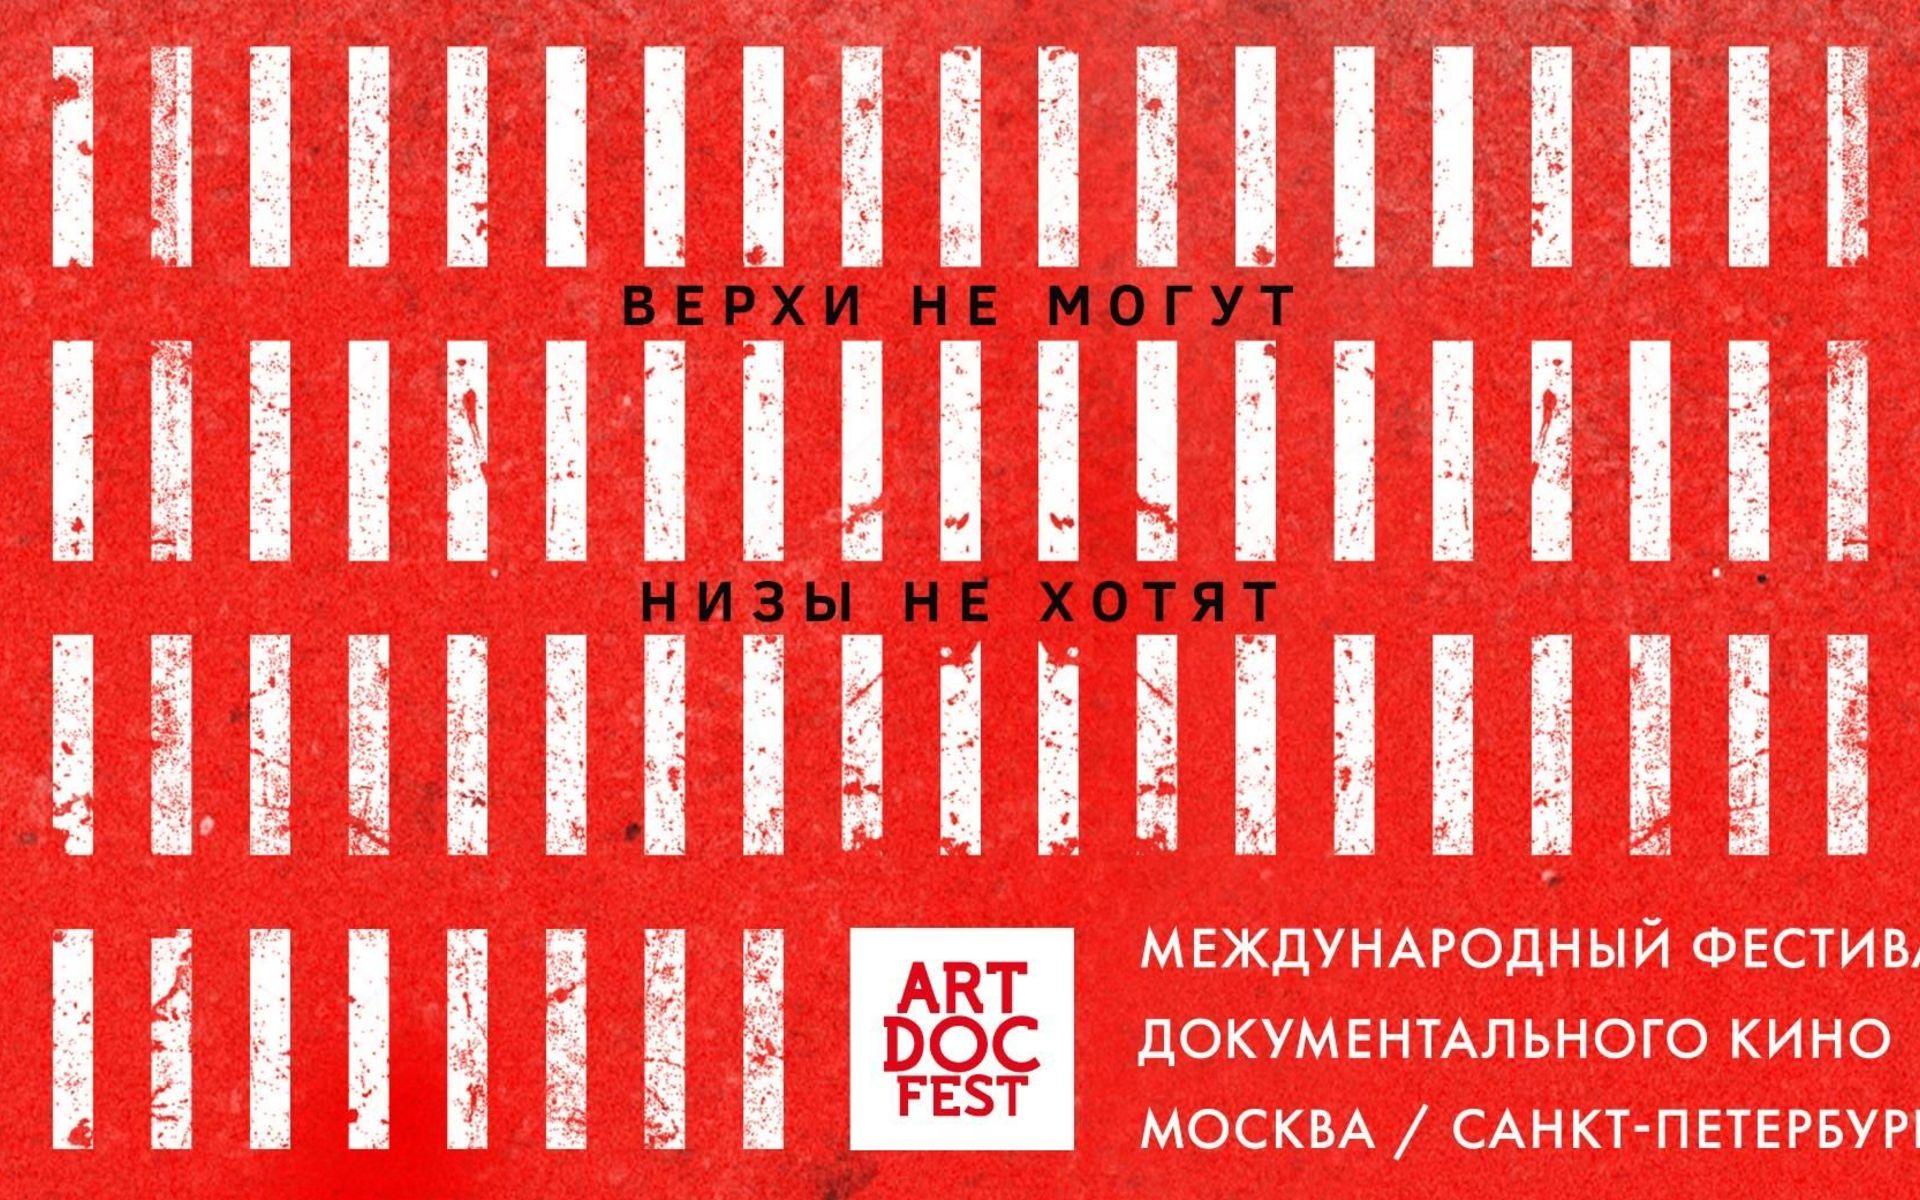 артдокфест 2018 программа